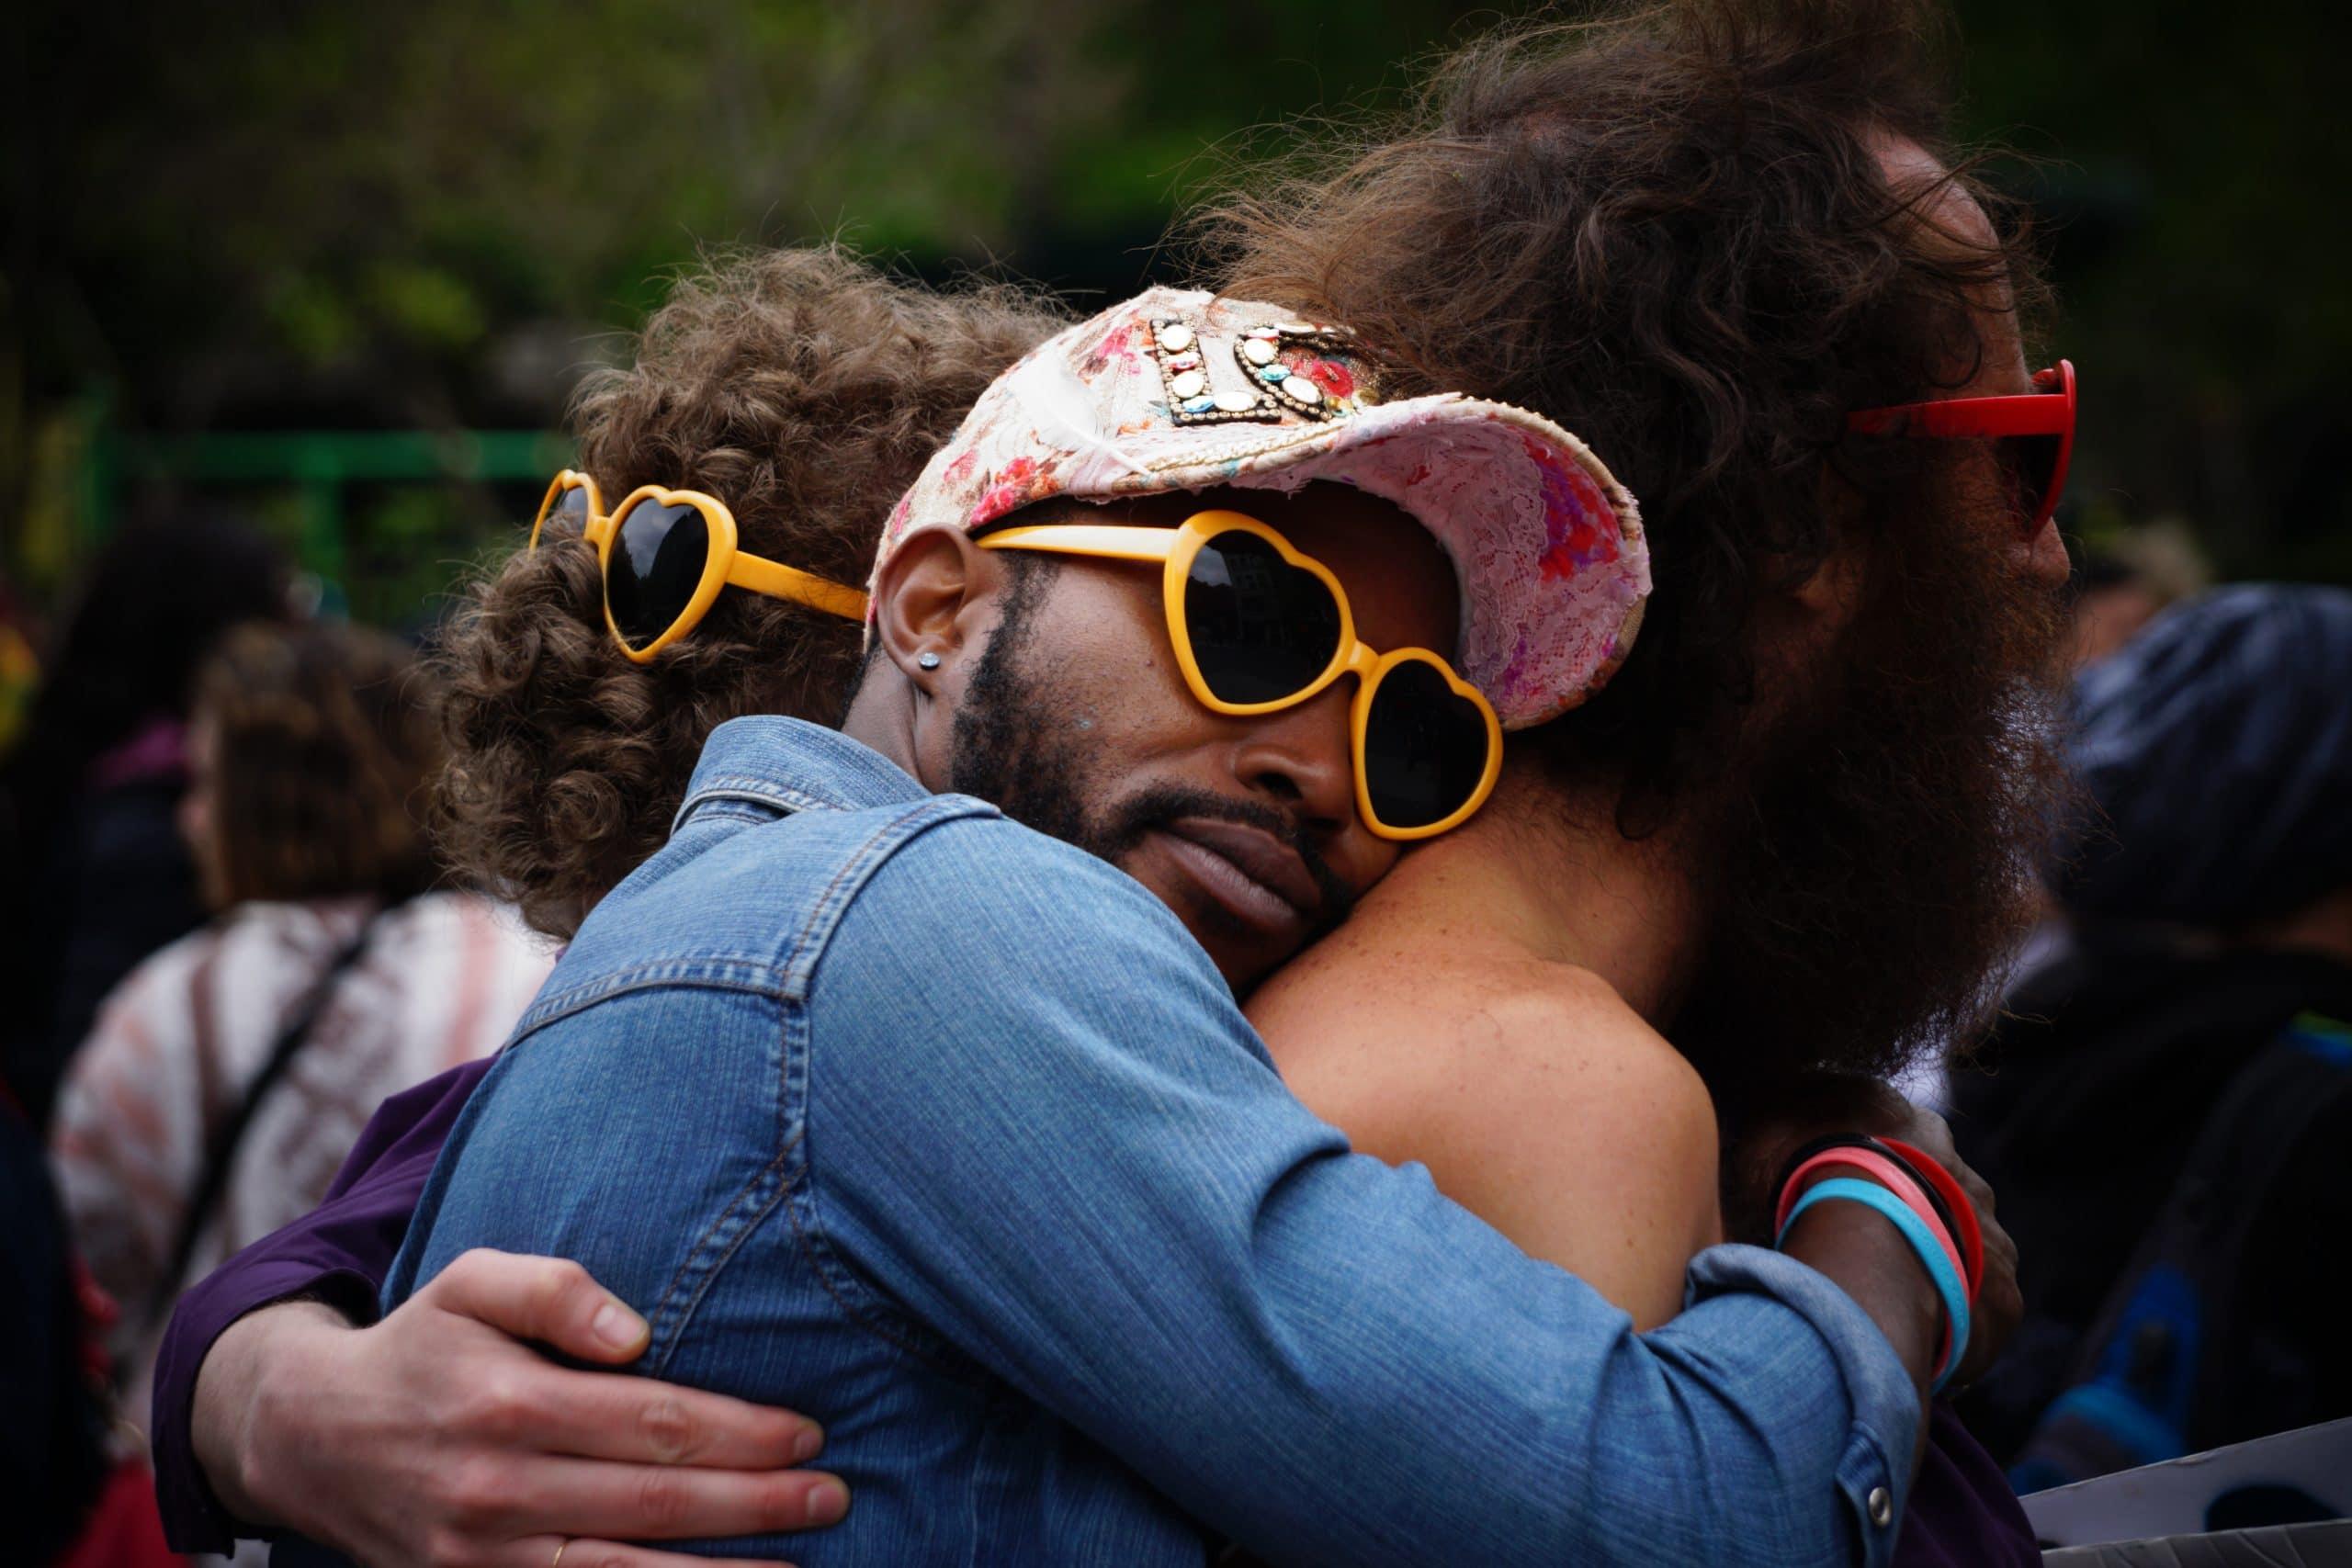 Três homens abraçados com óculos de sol.